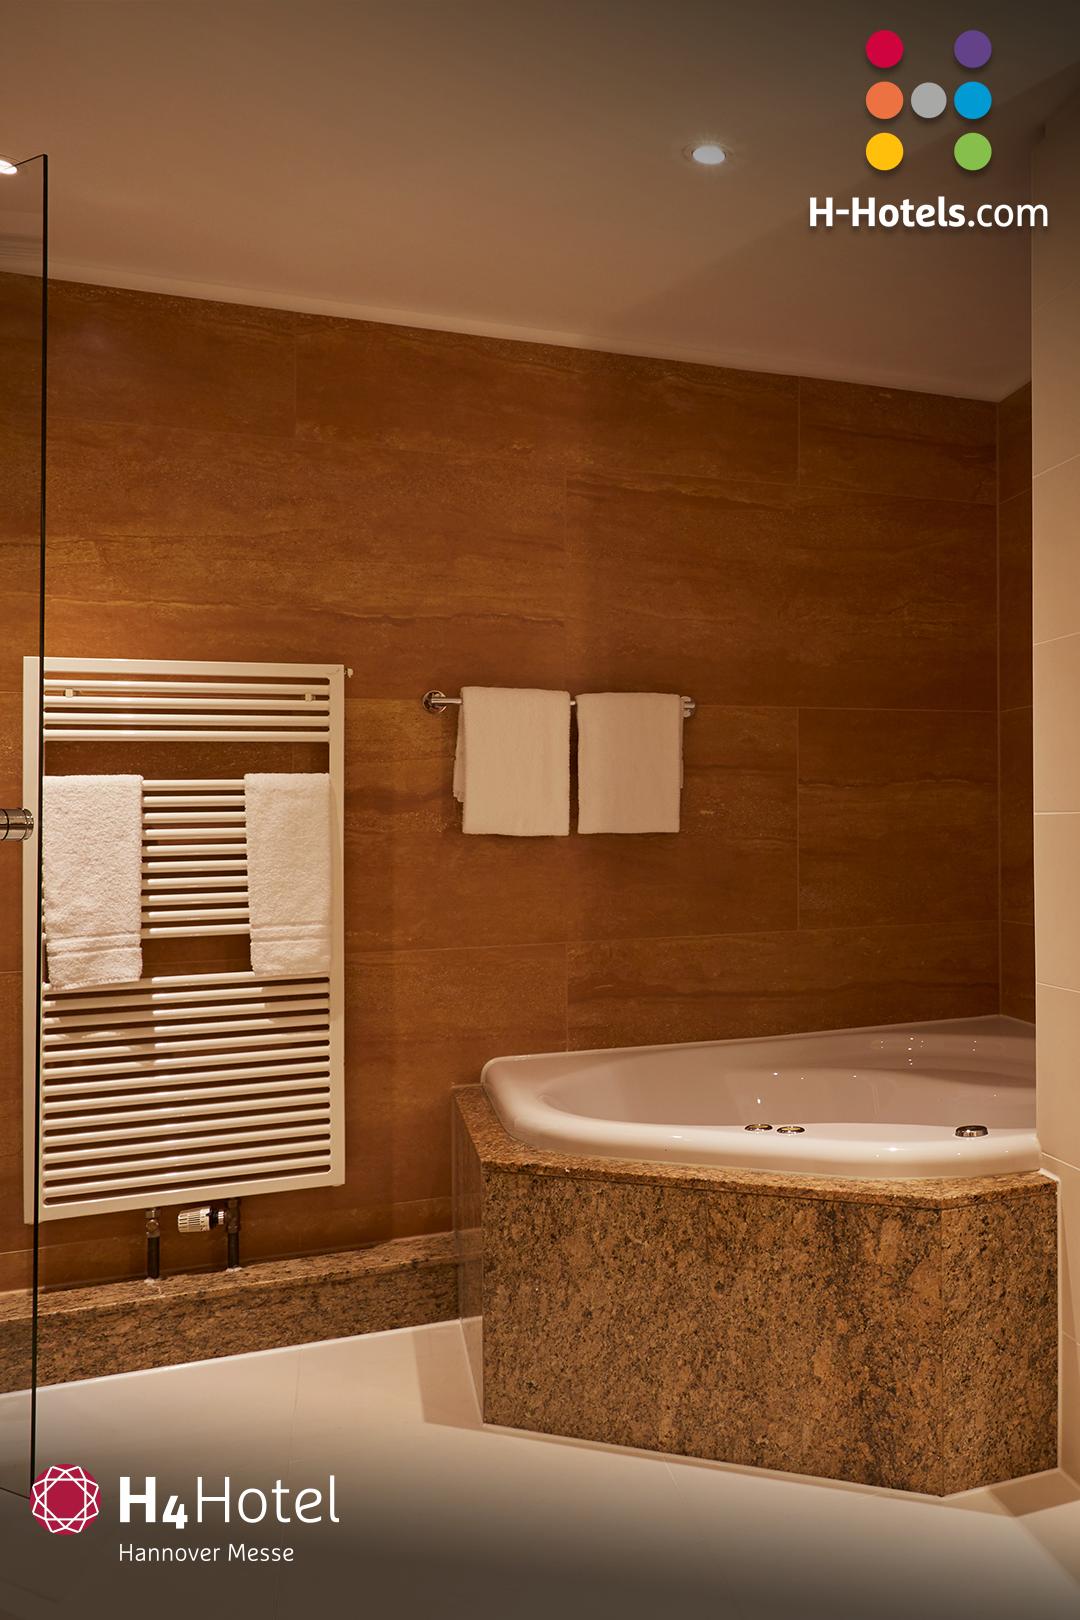 Wellnessluxus In Den Suiten Geniessen H4 Hotel Hannover Messe In 2020 Hannover Messe Hotel Moderne Zimmer